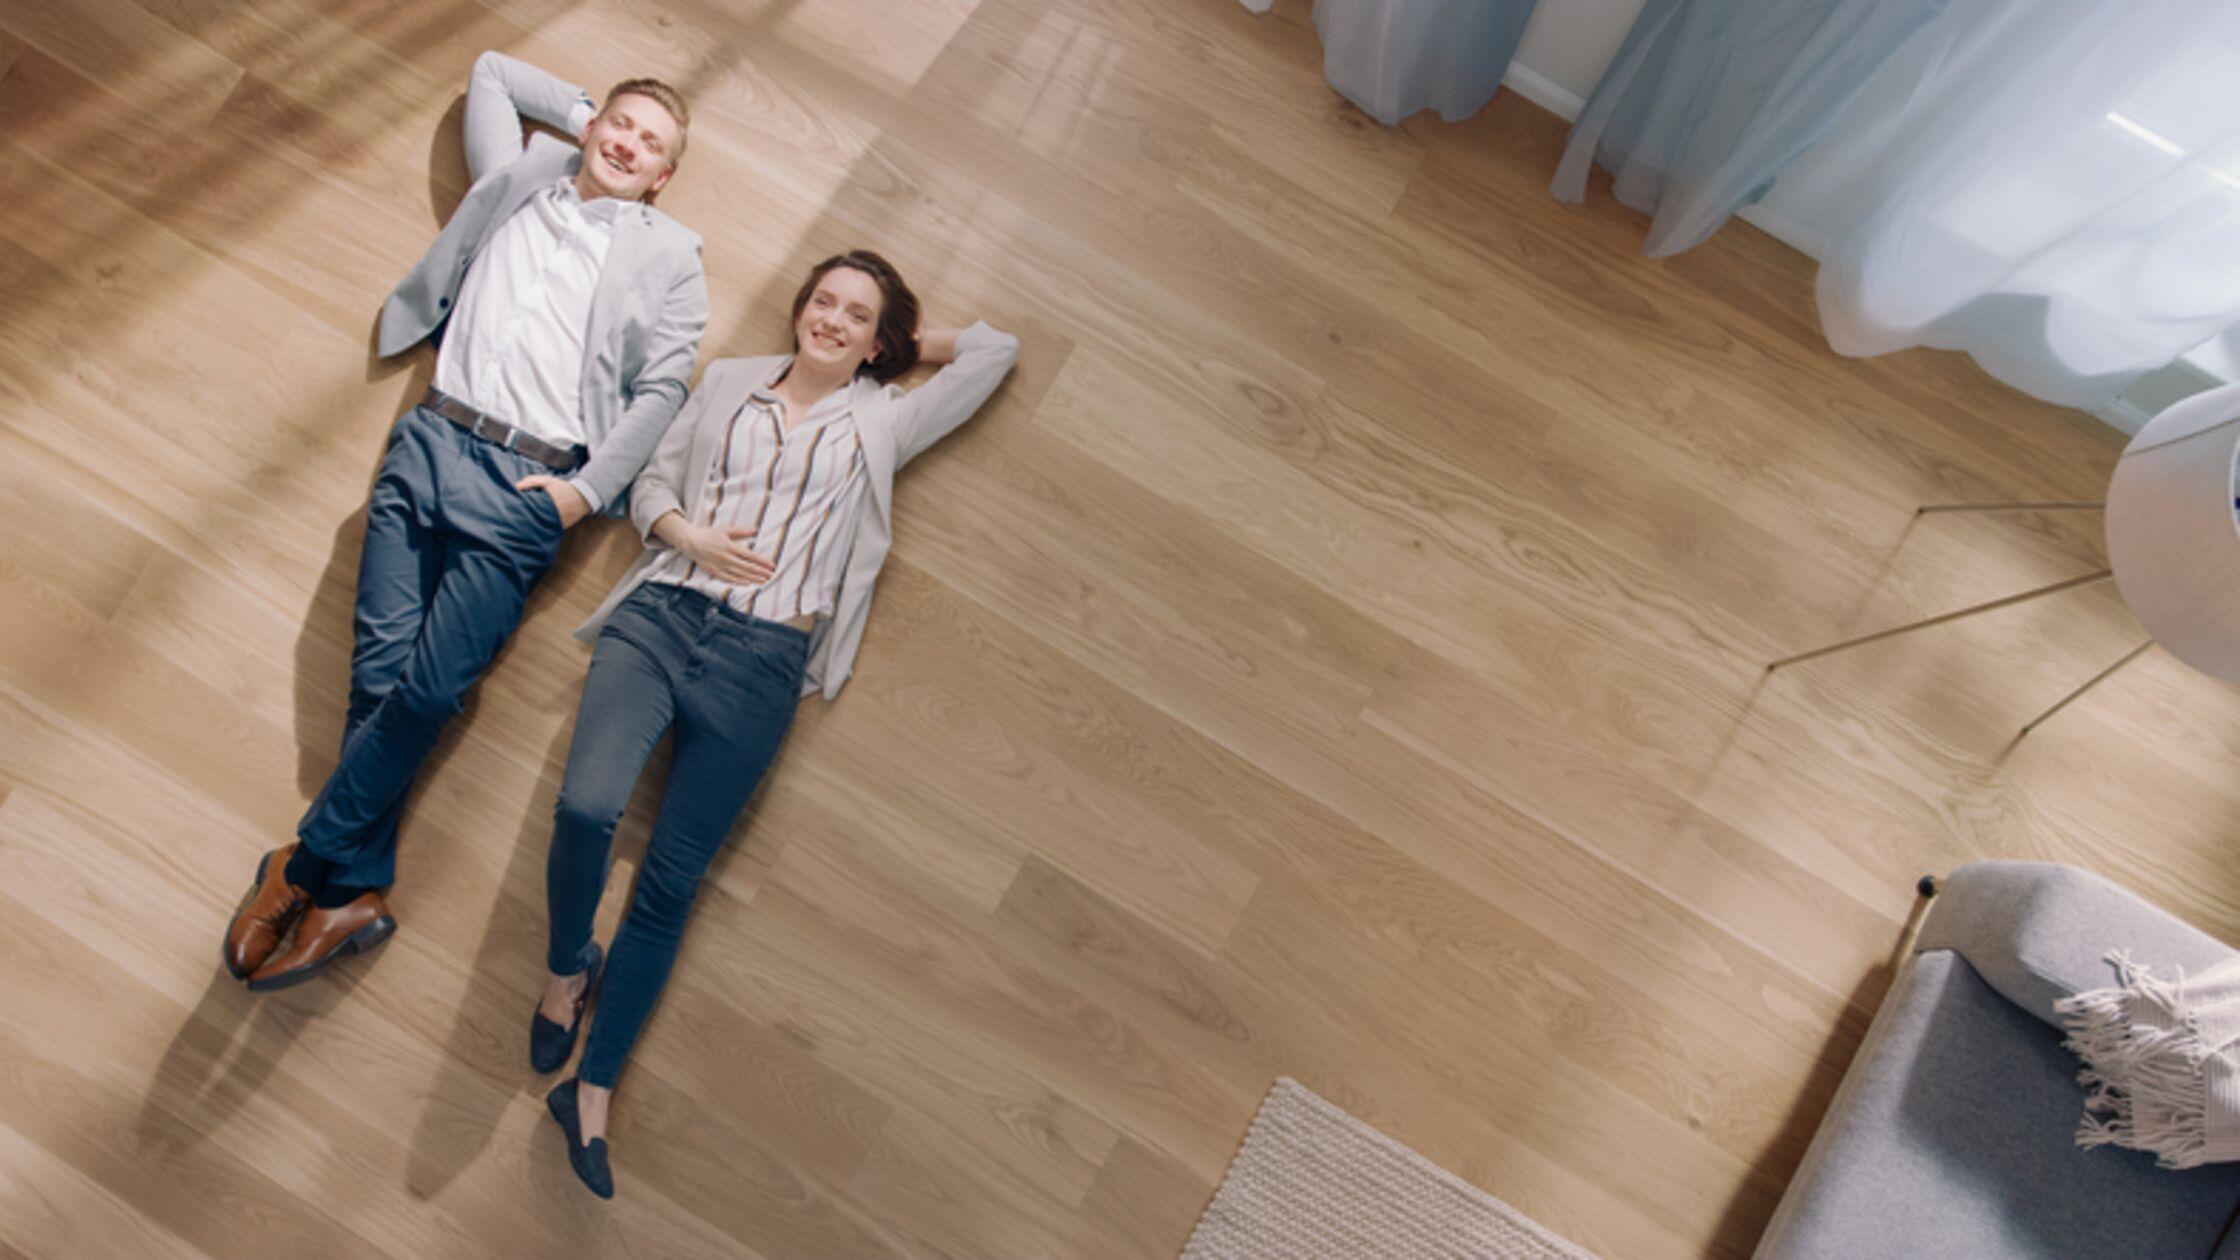 Paar auf Parkettboden